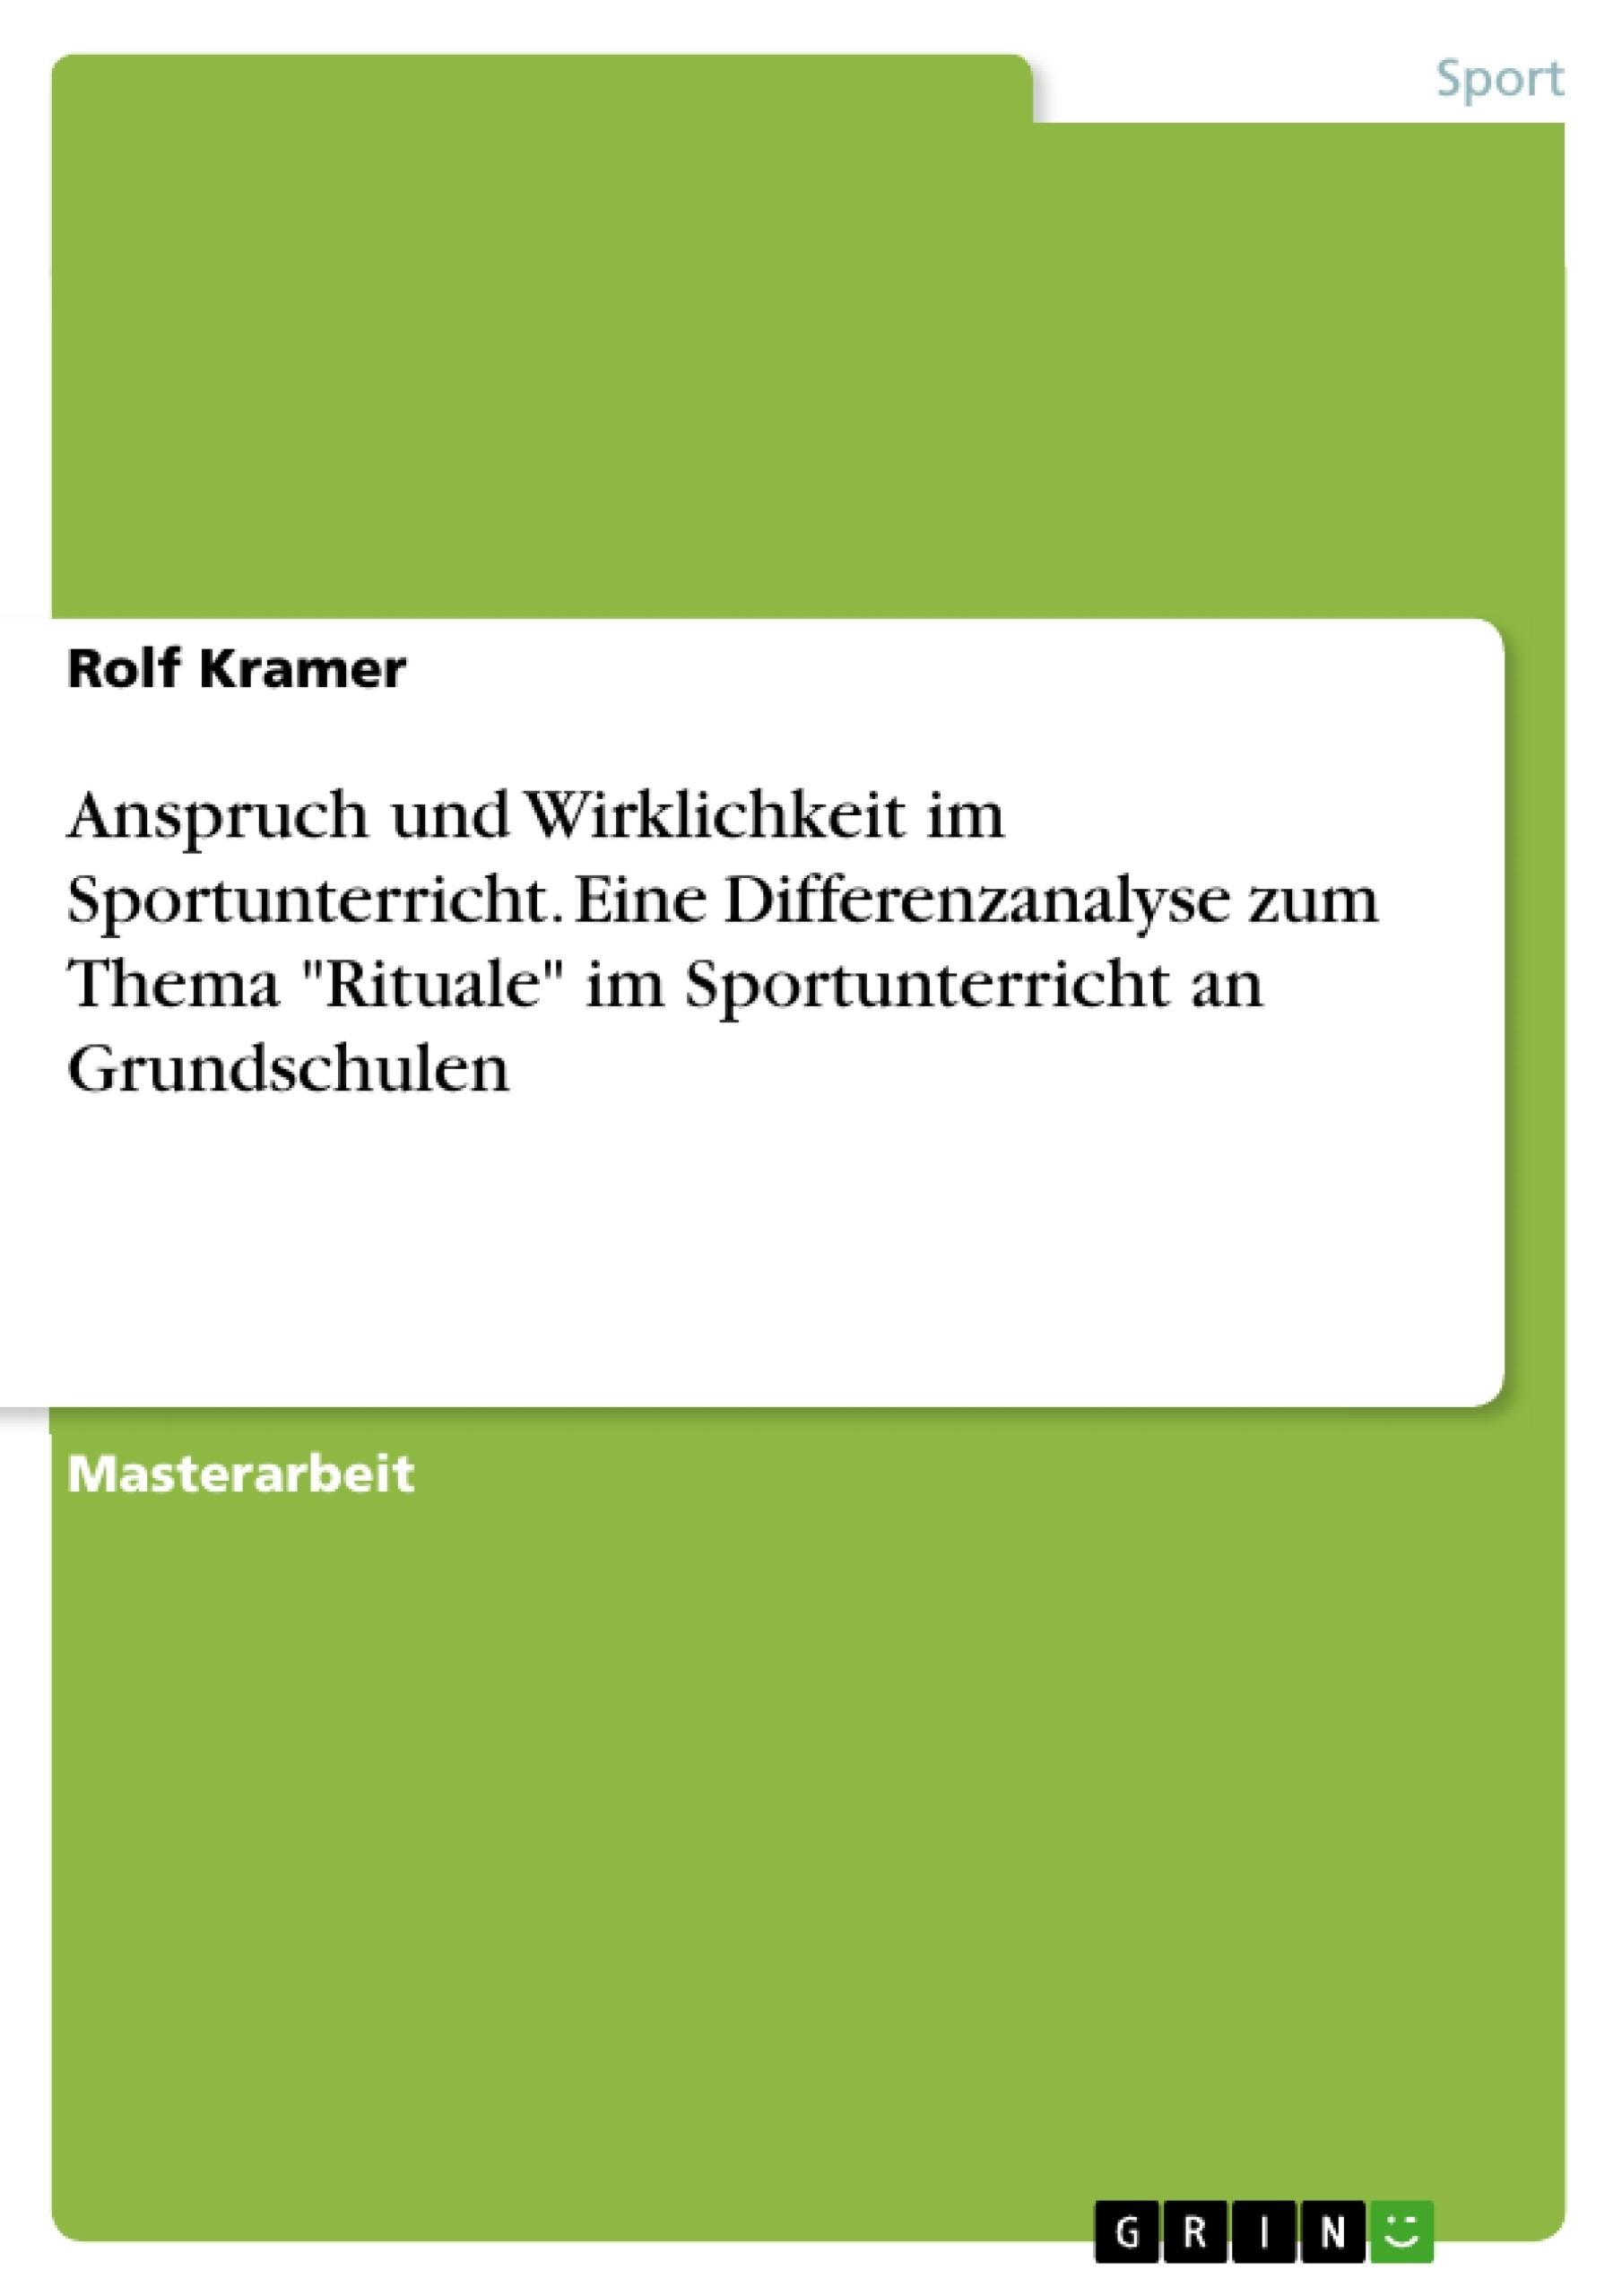 """Titel: Anspruch und Wirklichkeit im Sportunterricht. Eine Differenzanalyse zum Thema """"Rituale"""" im Sportunterricht an Grundschulen"""